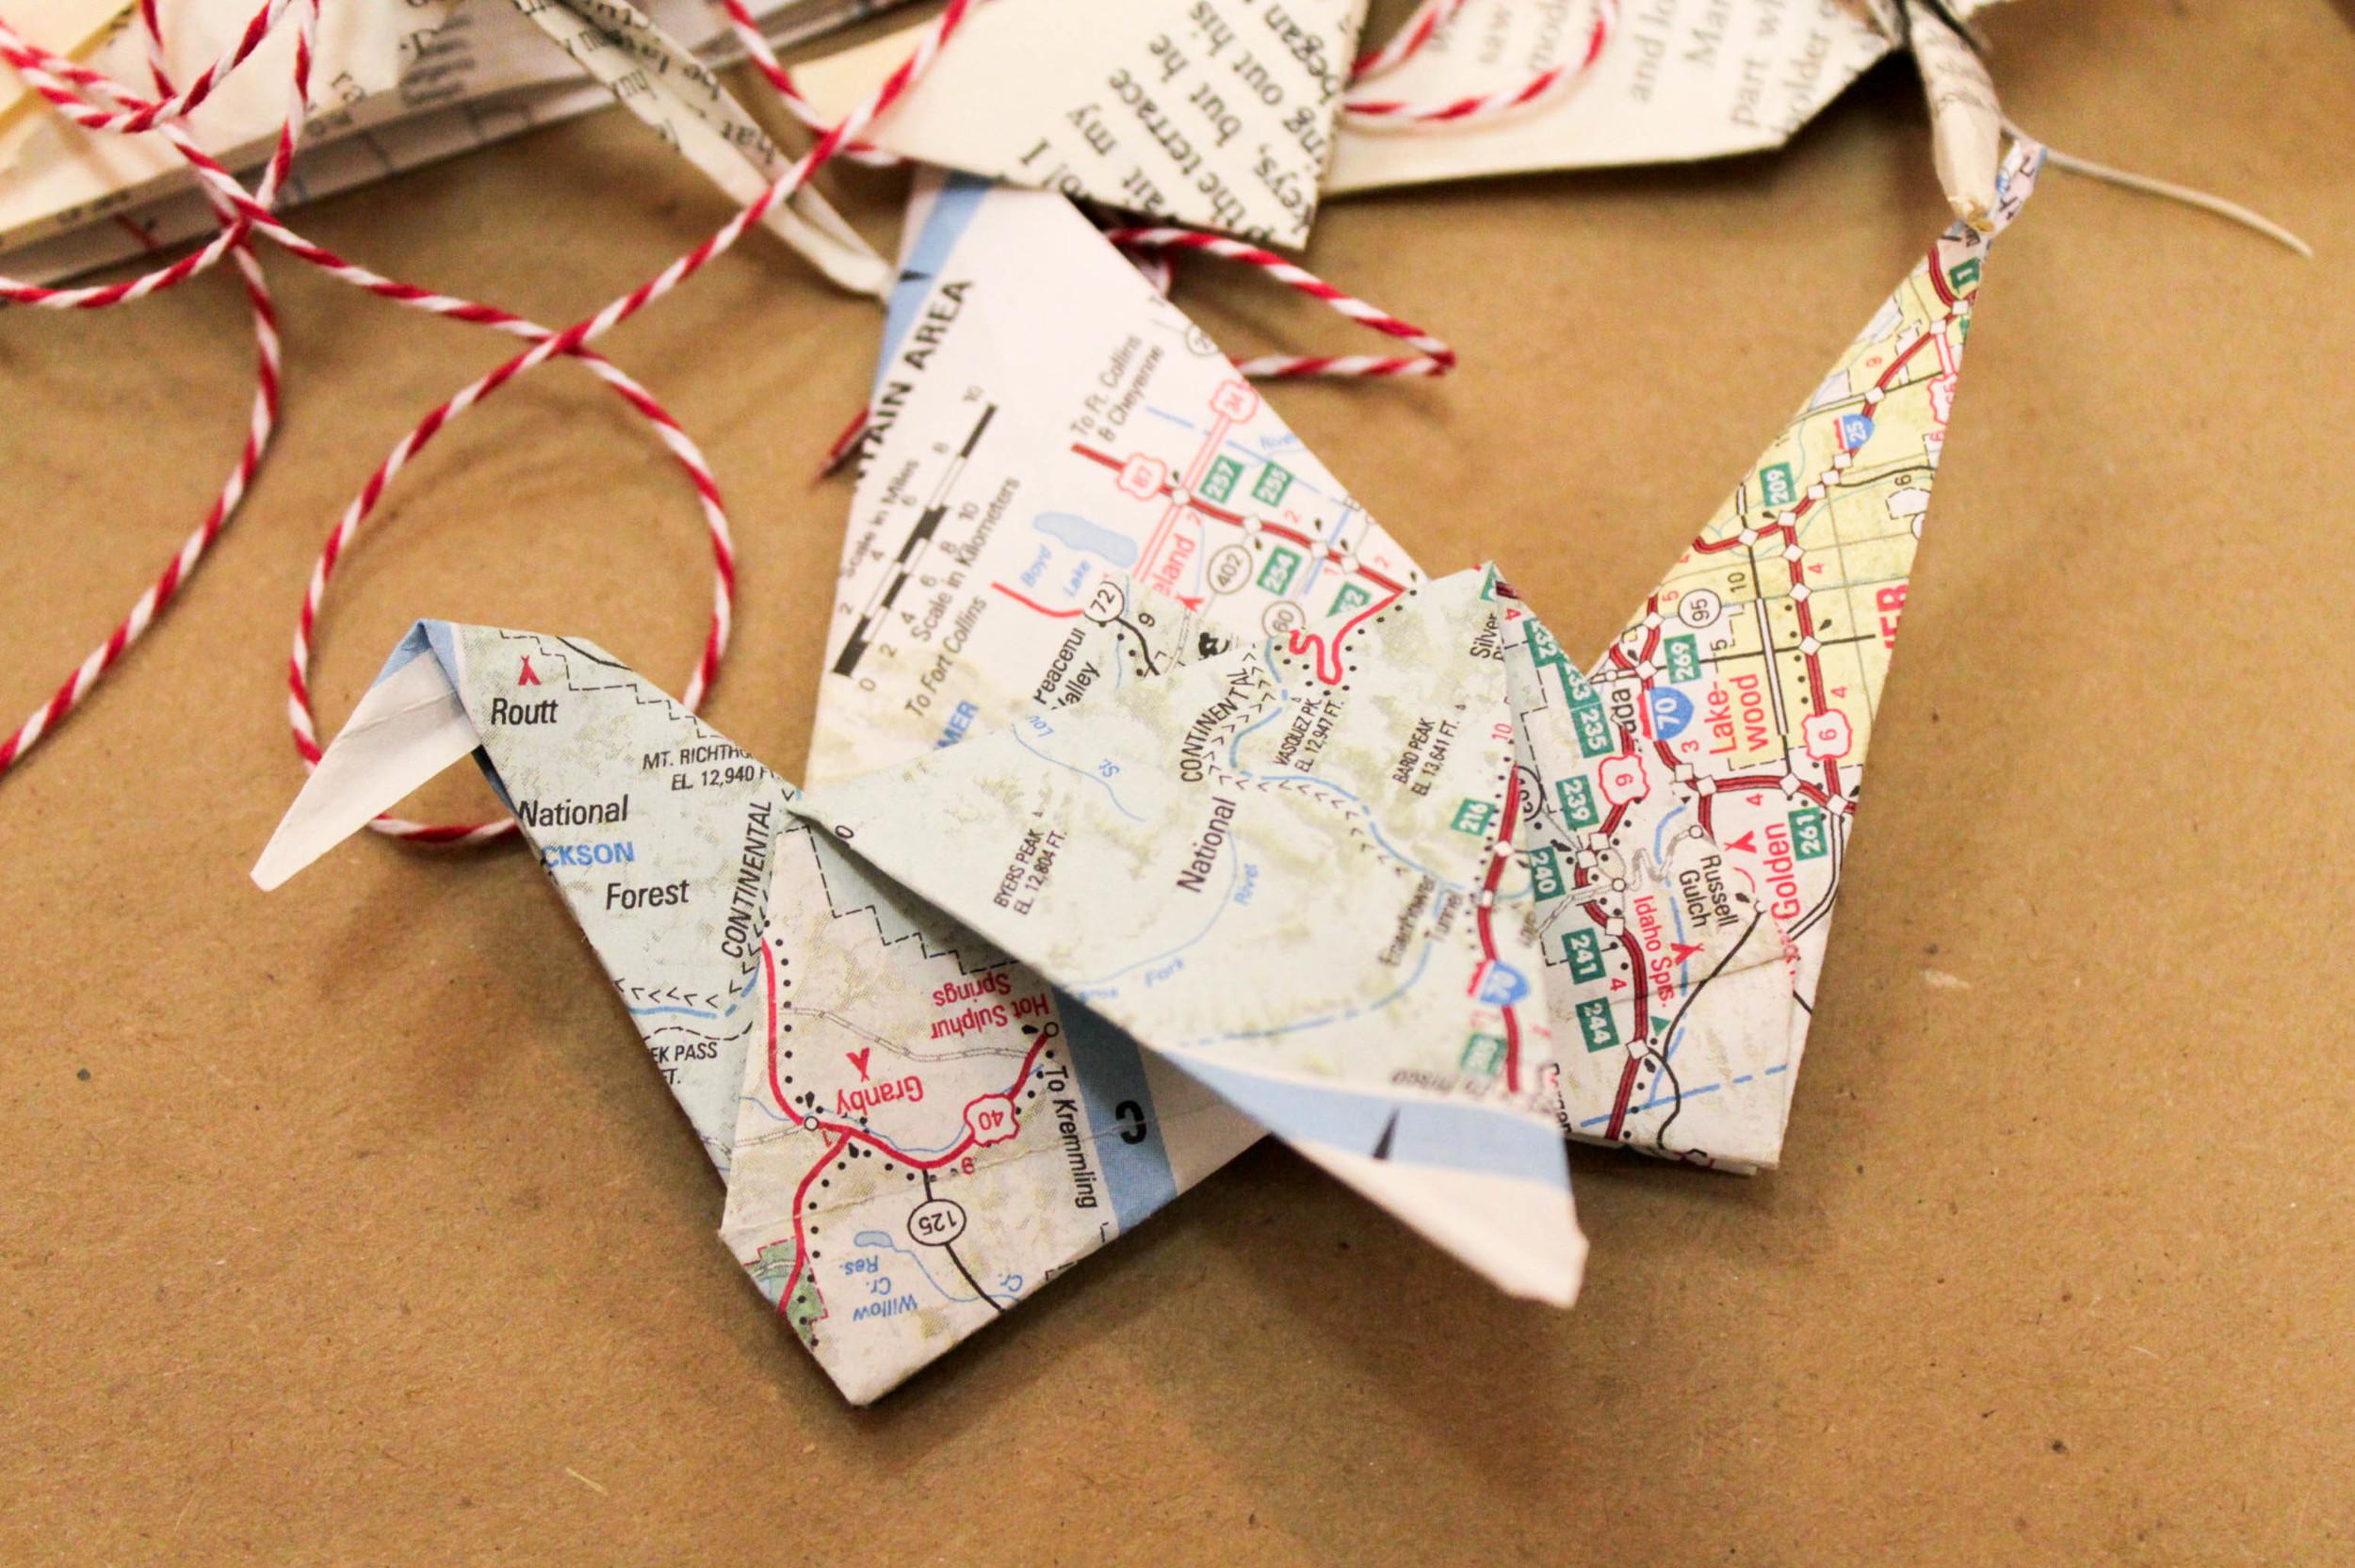 paper-cranes-etxe-23.jpg